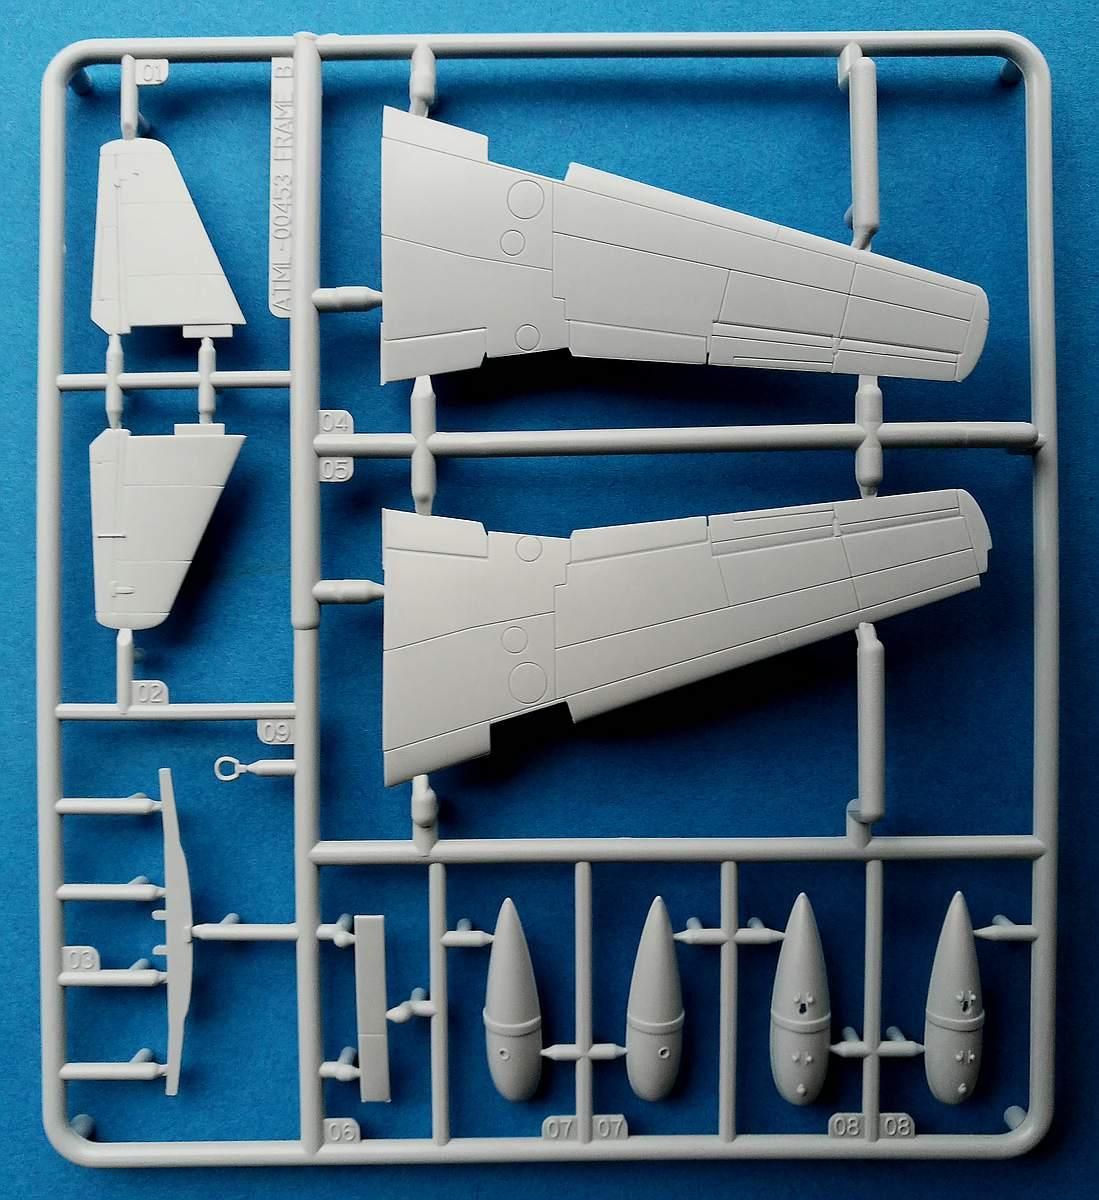 Airfix-A04062-Messerschmitt-Me-262-B-1a-21 Messerschmitt Me 262 B-1a im Maßstab 1:72 von Airfix A04062